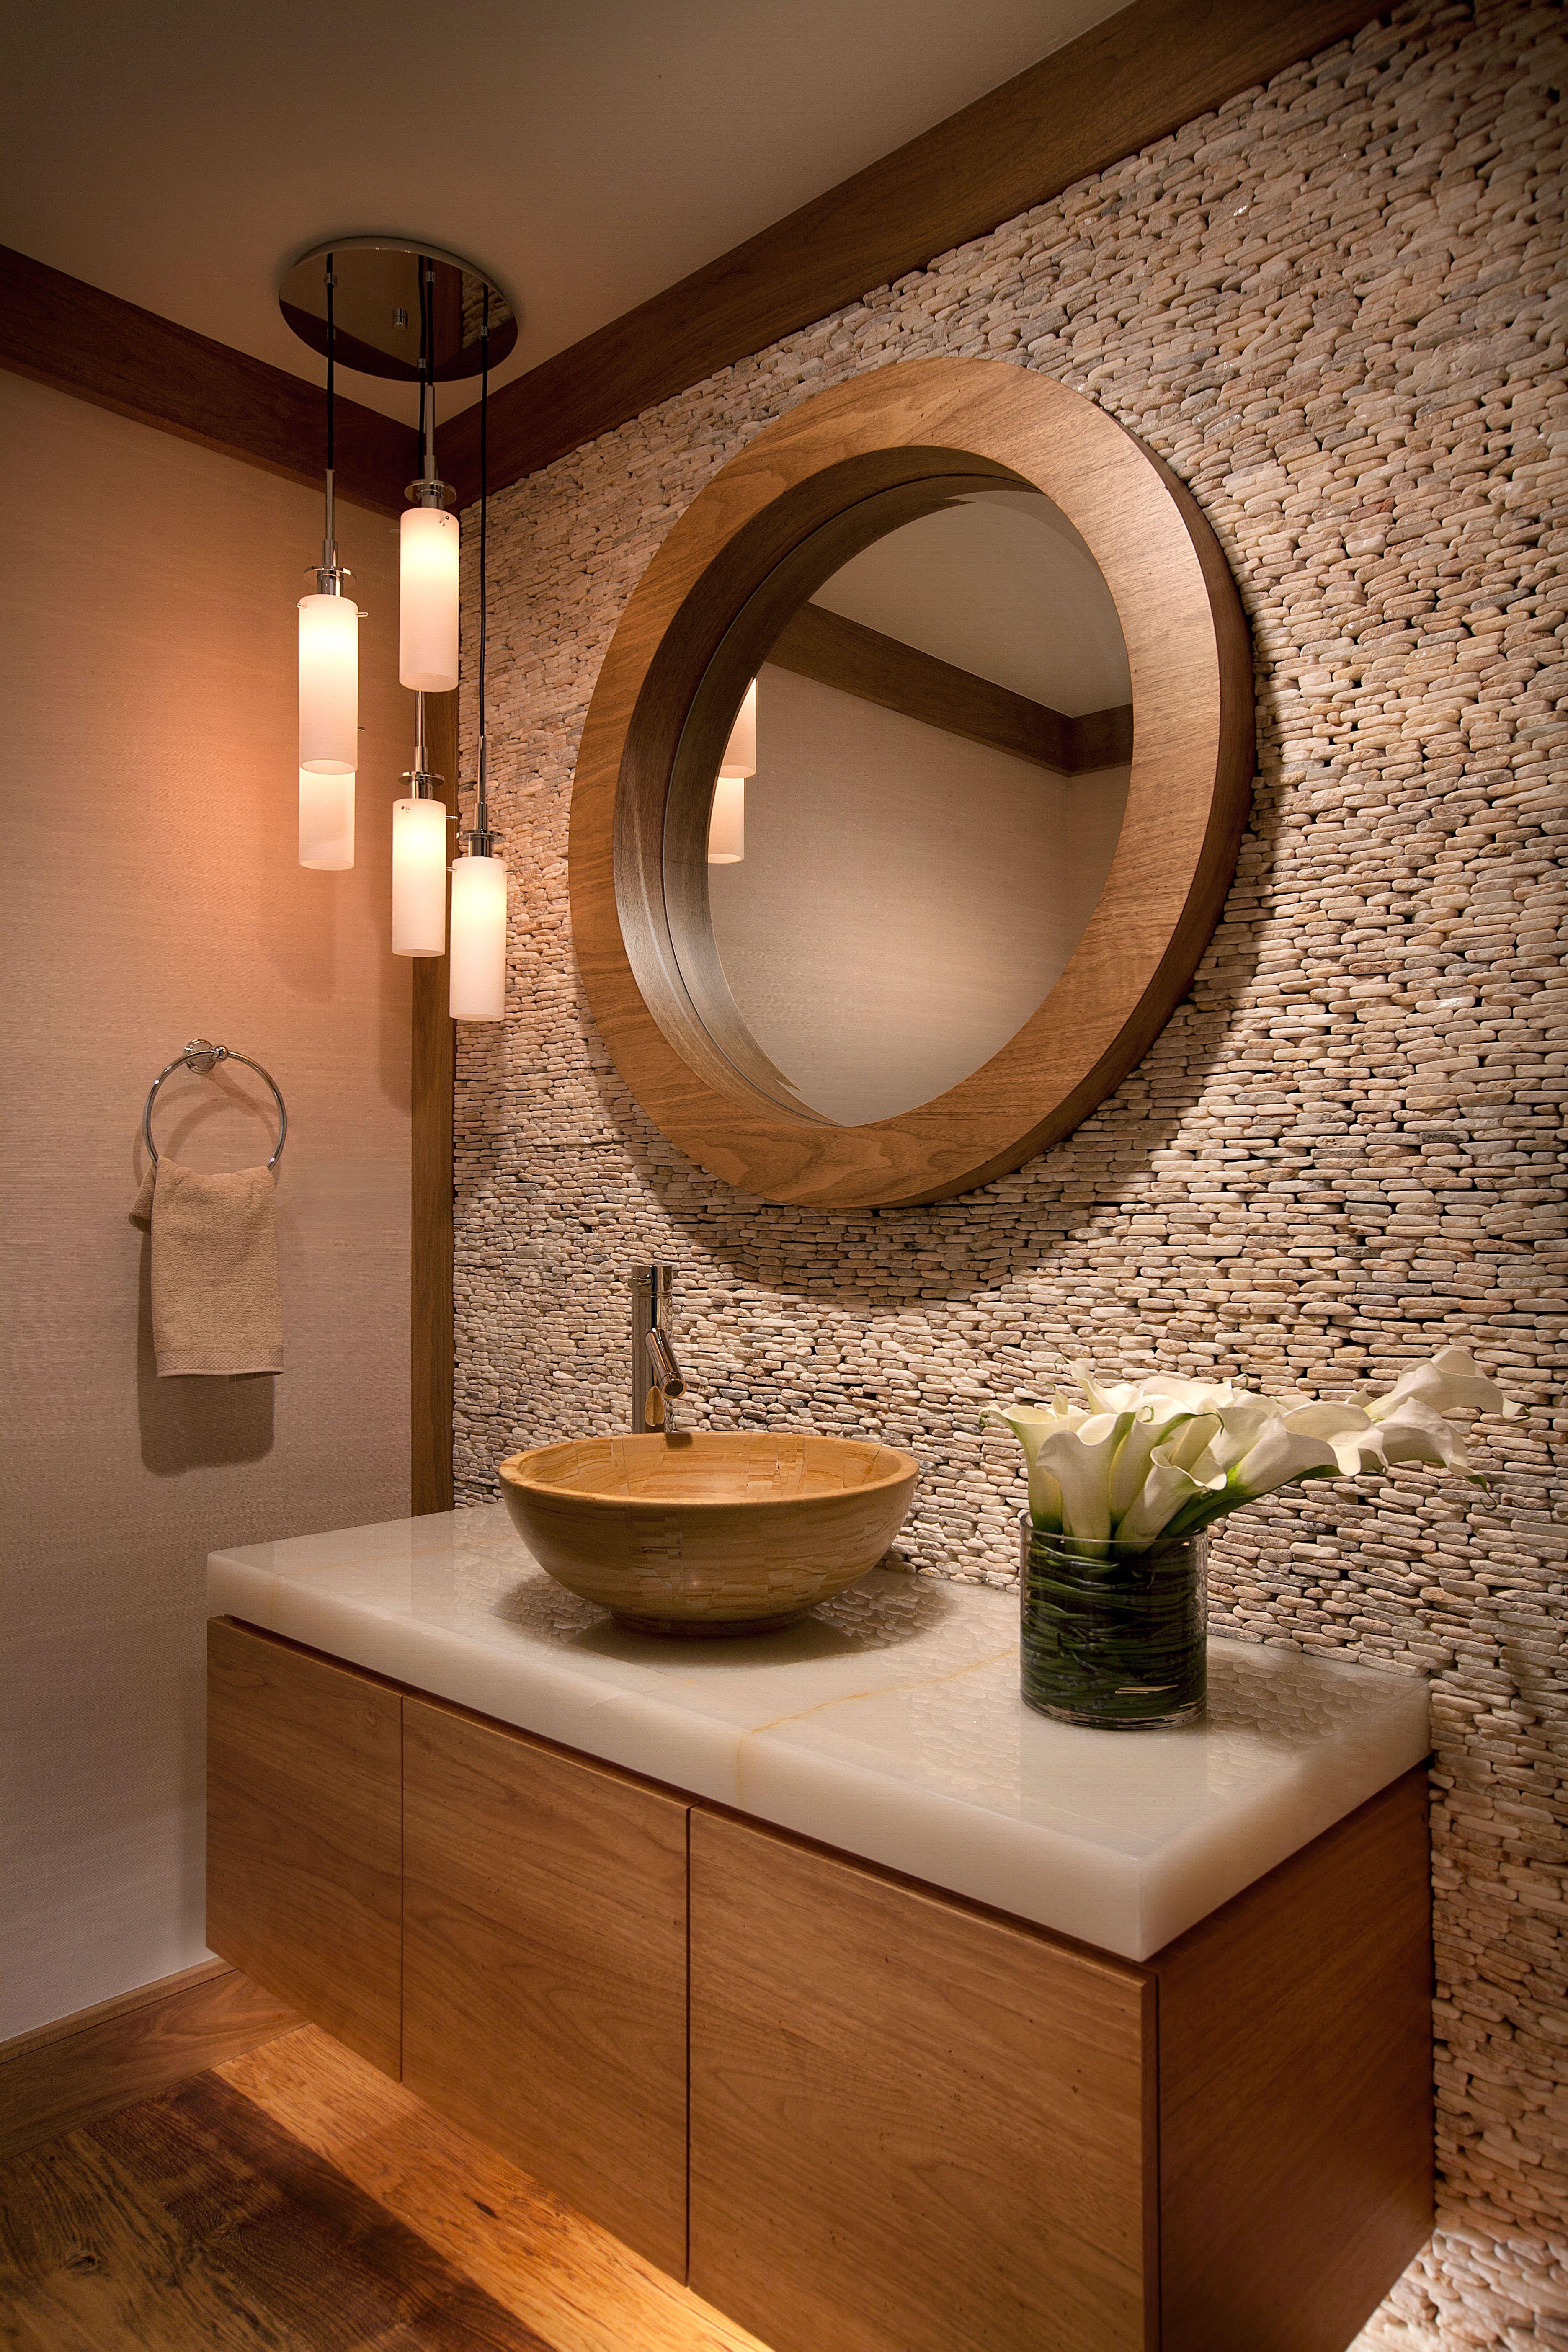 Badezimmer dekor mit einweckgläsern earth tones and textures inspire this space and make a statement w